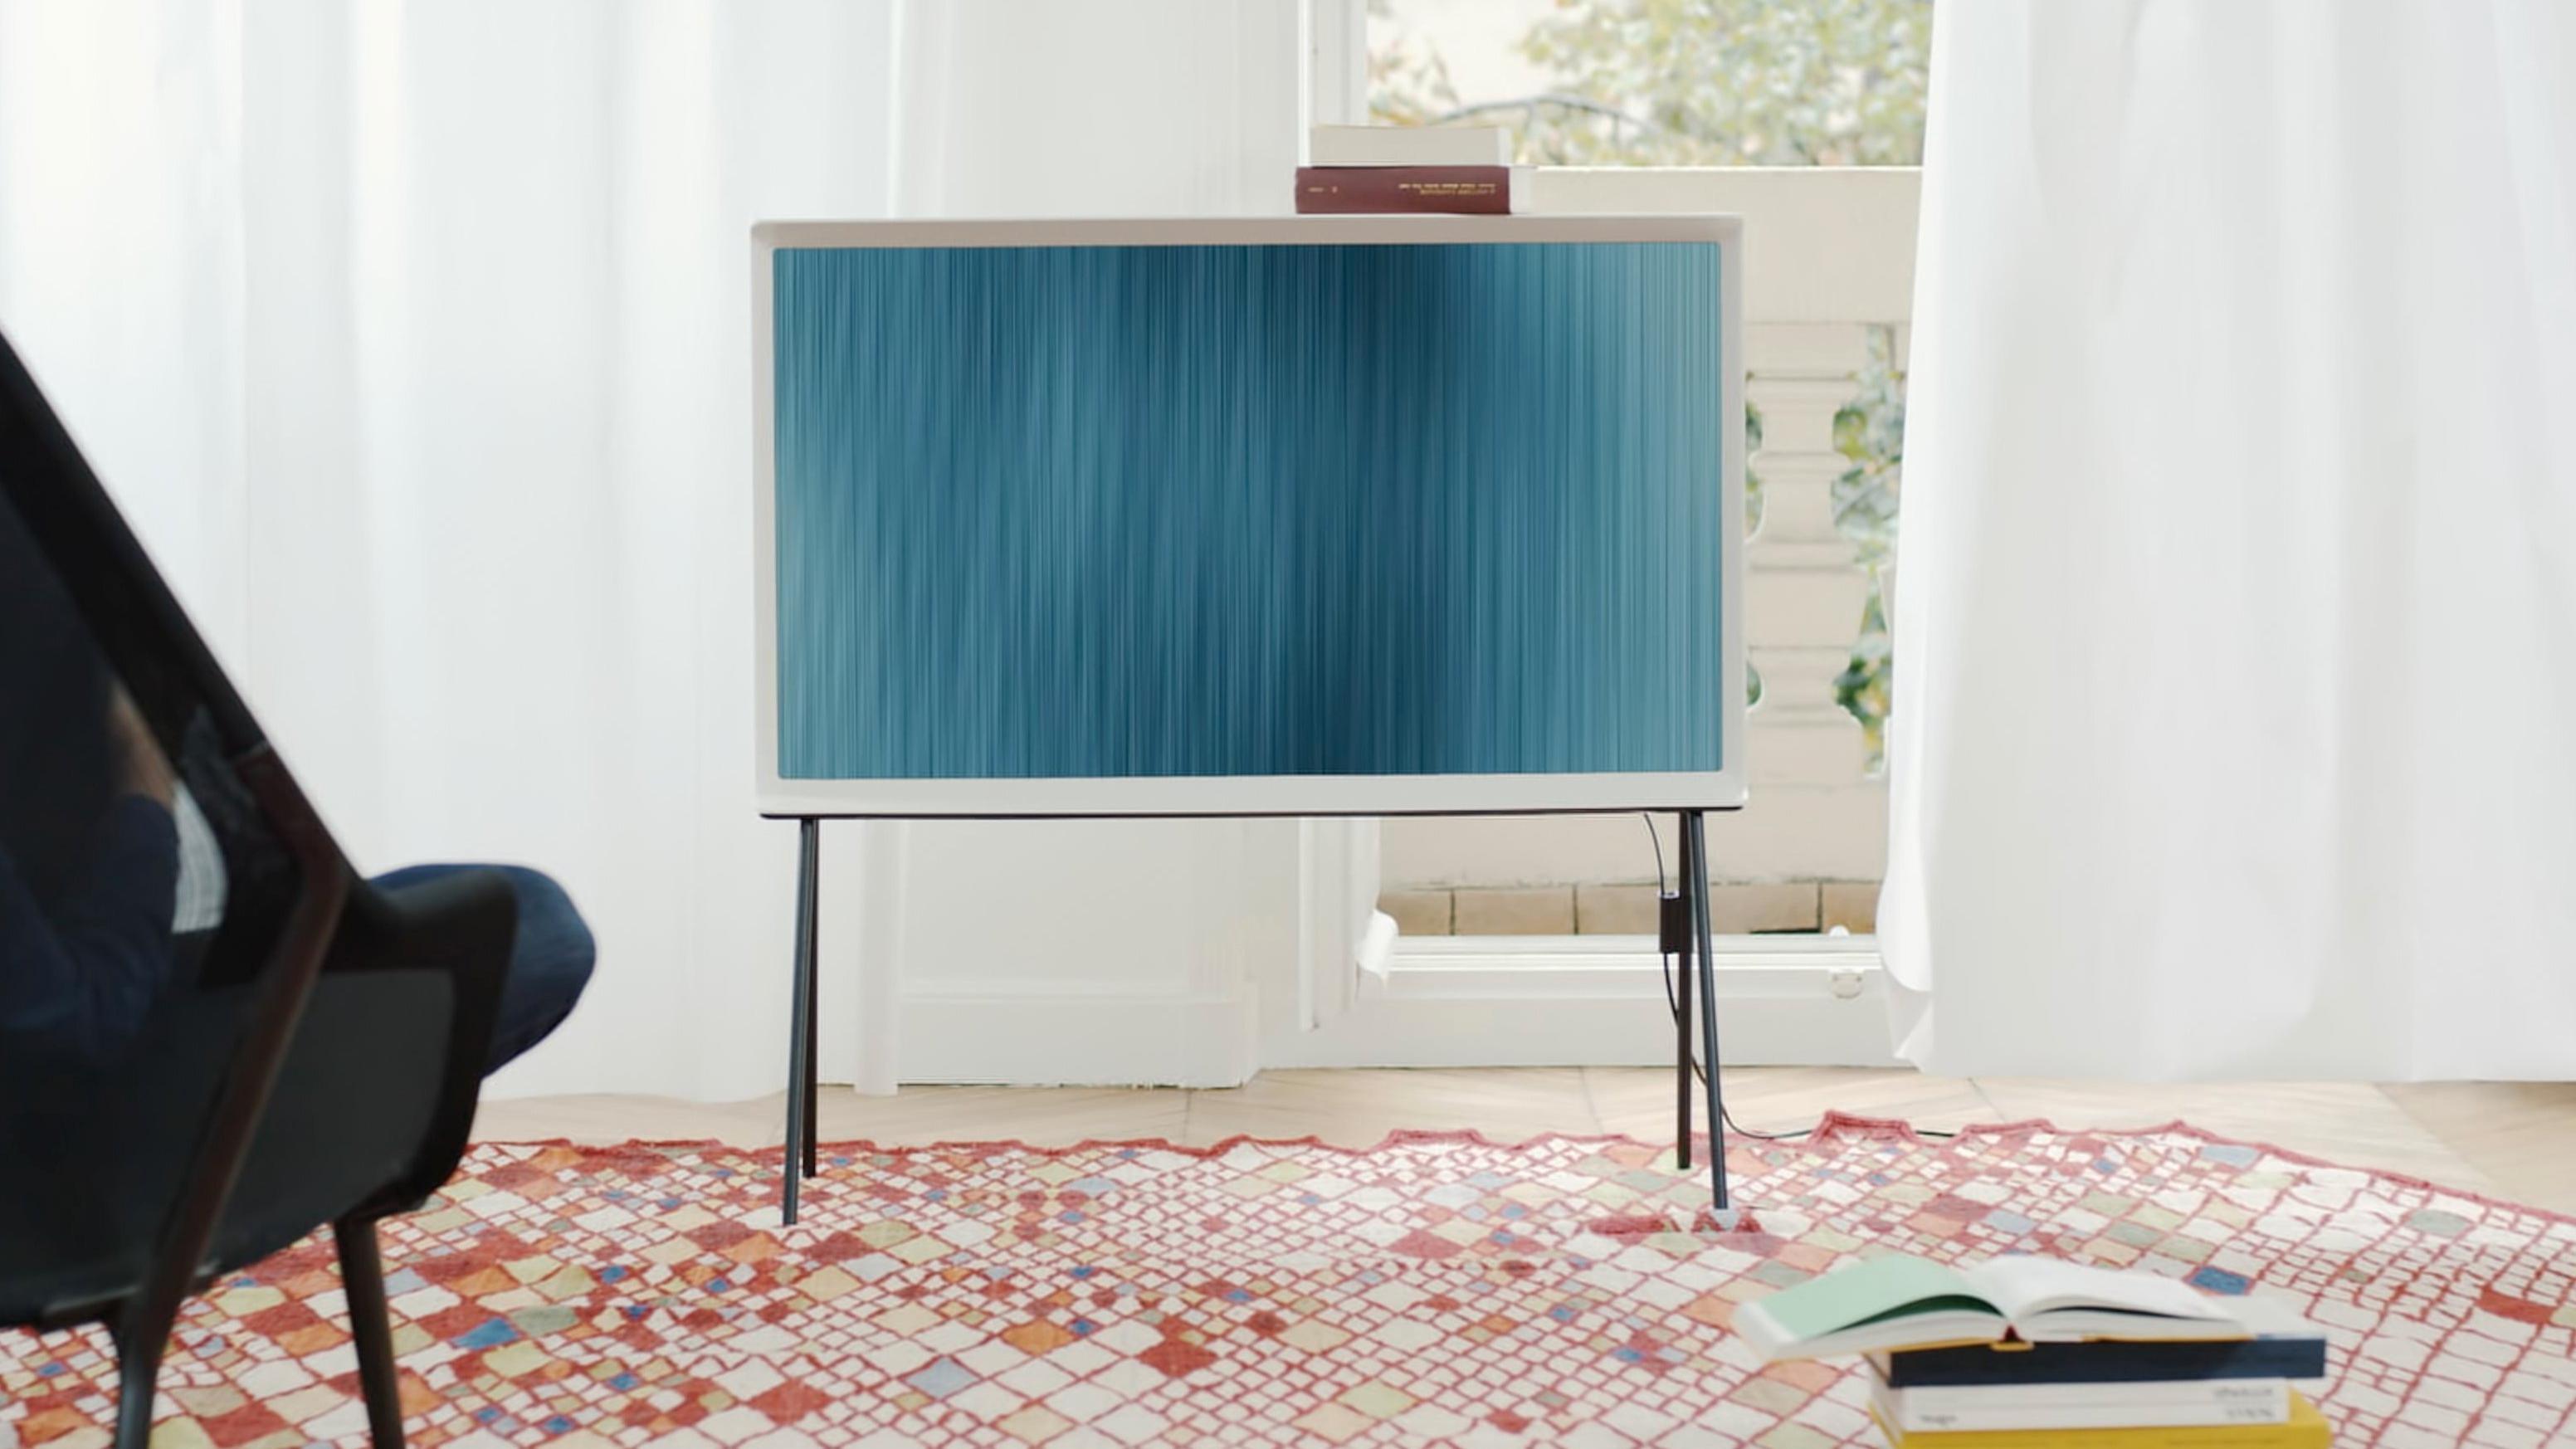 Denne TV-en går i ett med møblene i stua